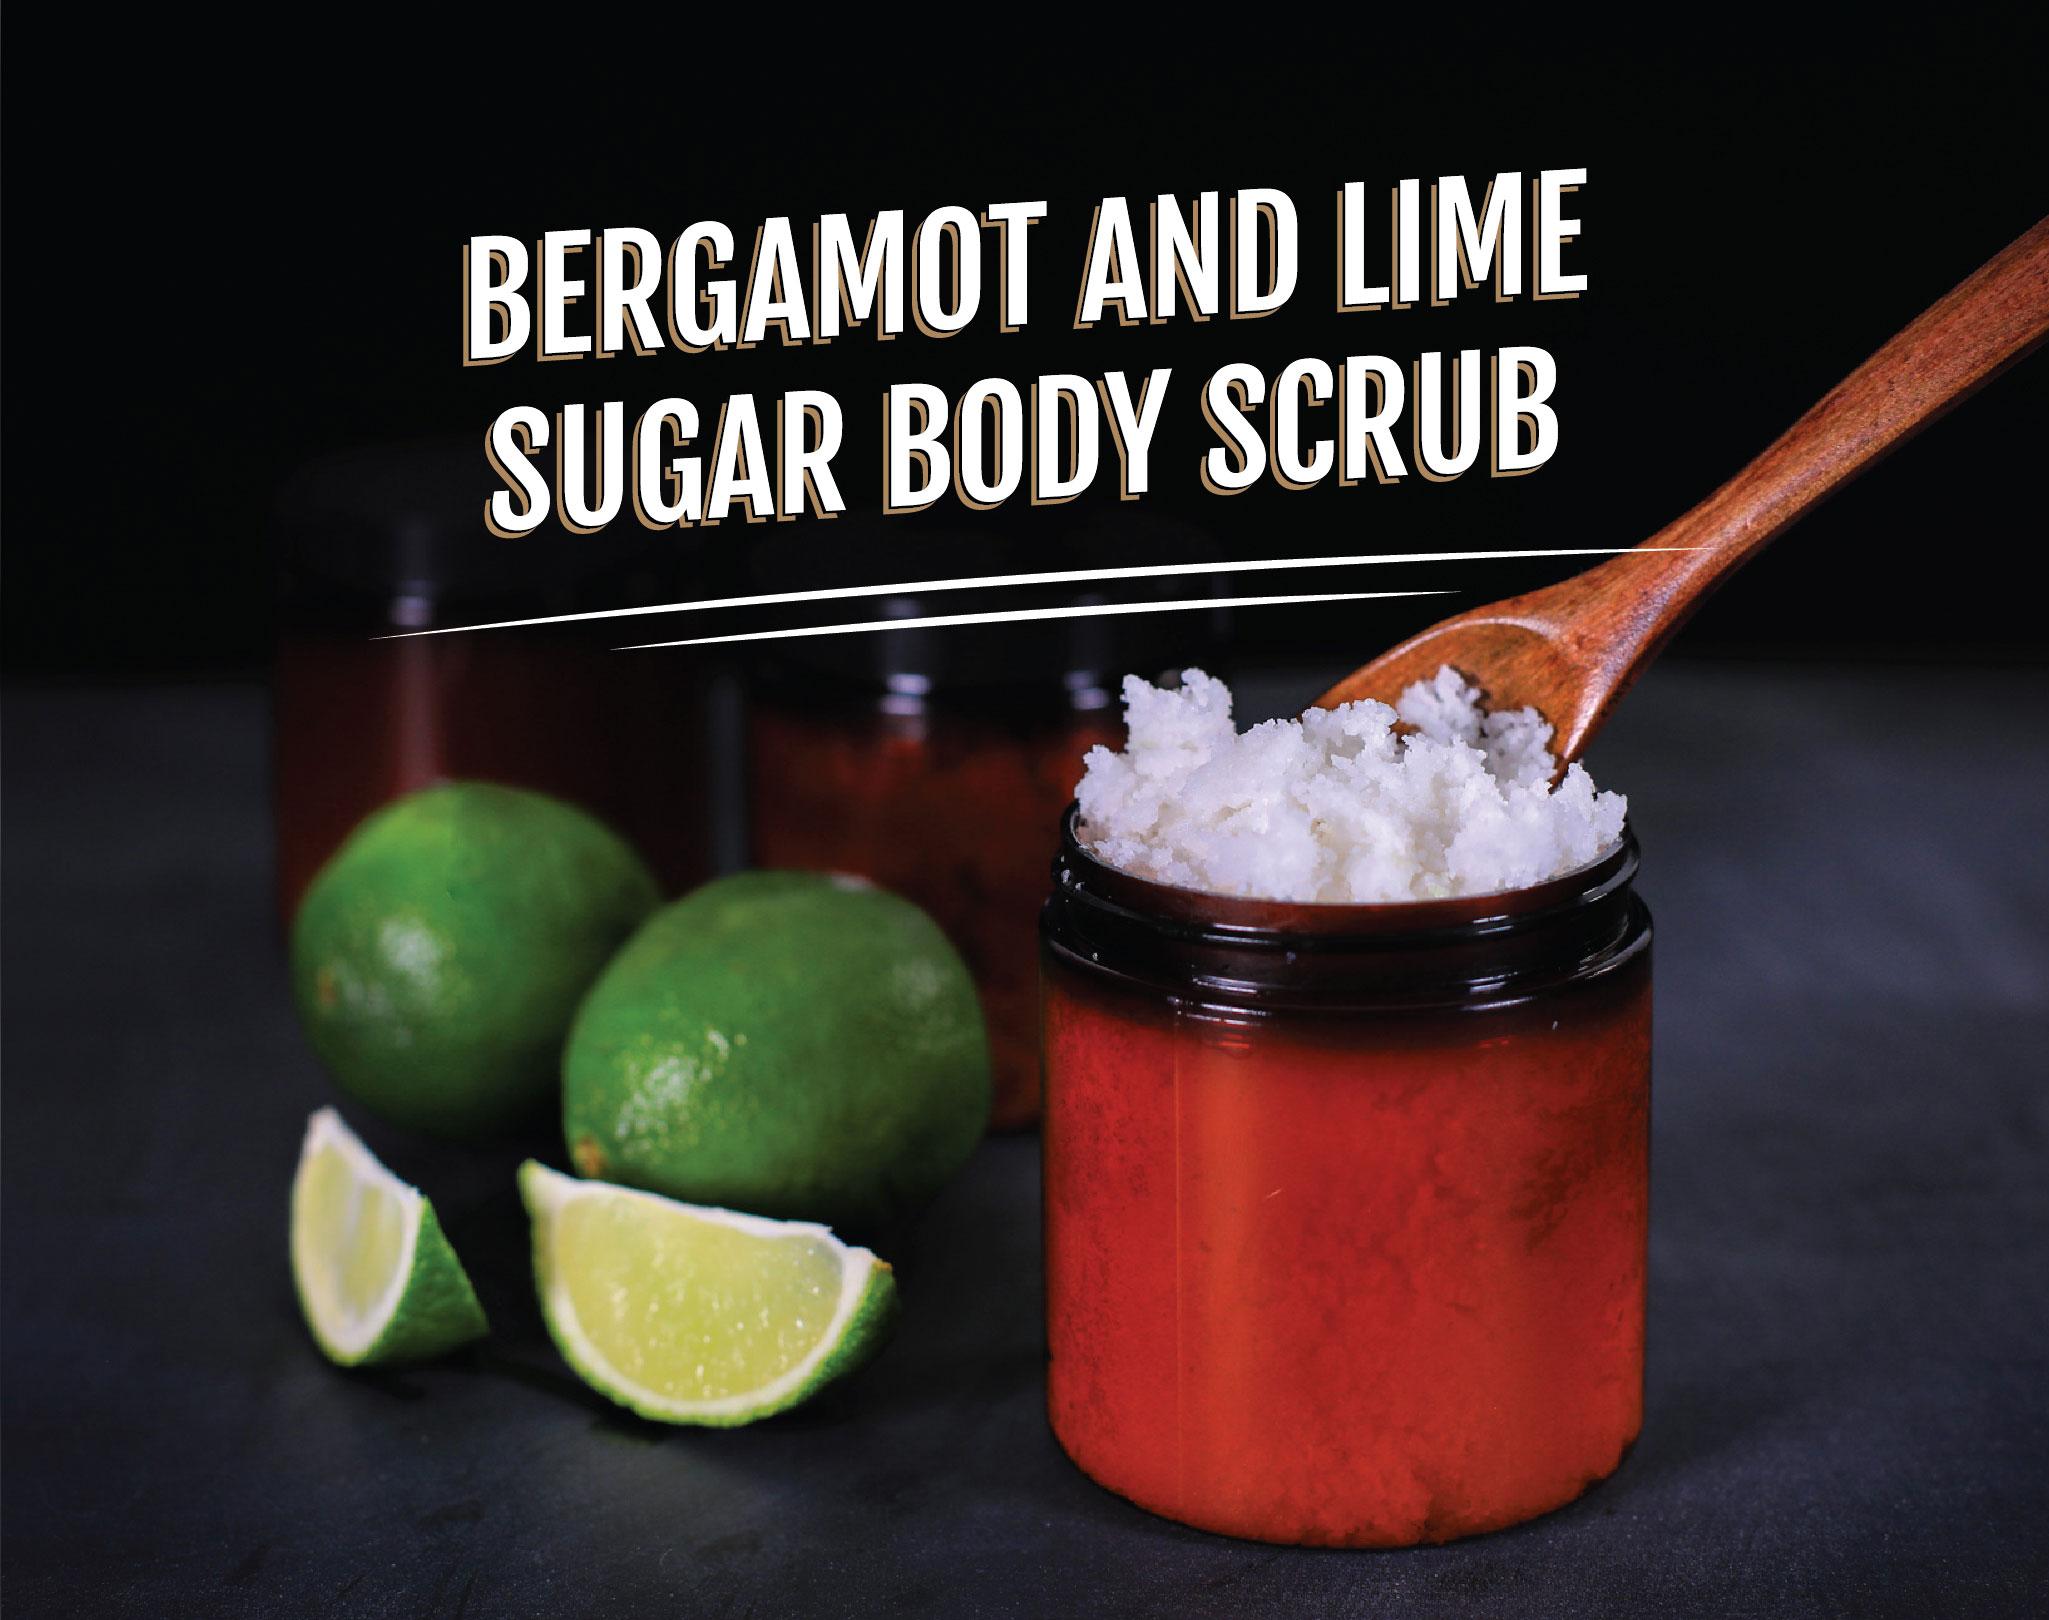 DIY Bergamot and Lime Sugar Body Scrub - Essential Oils